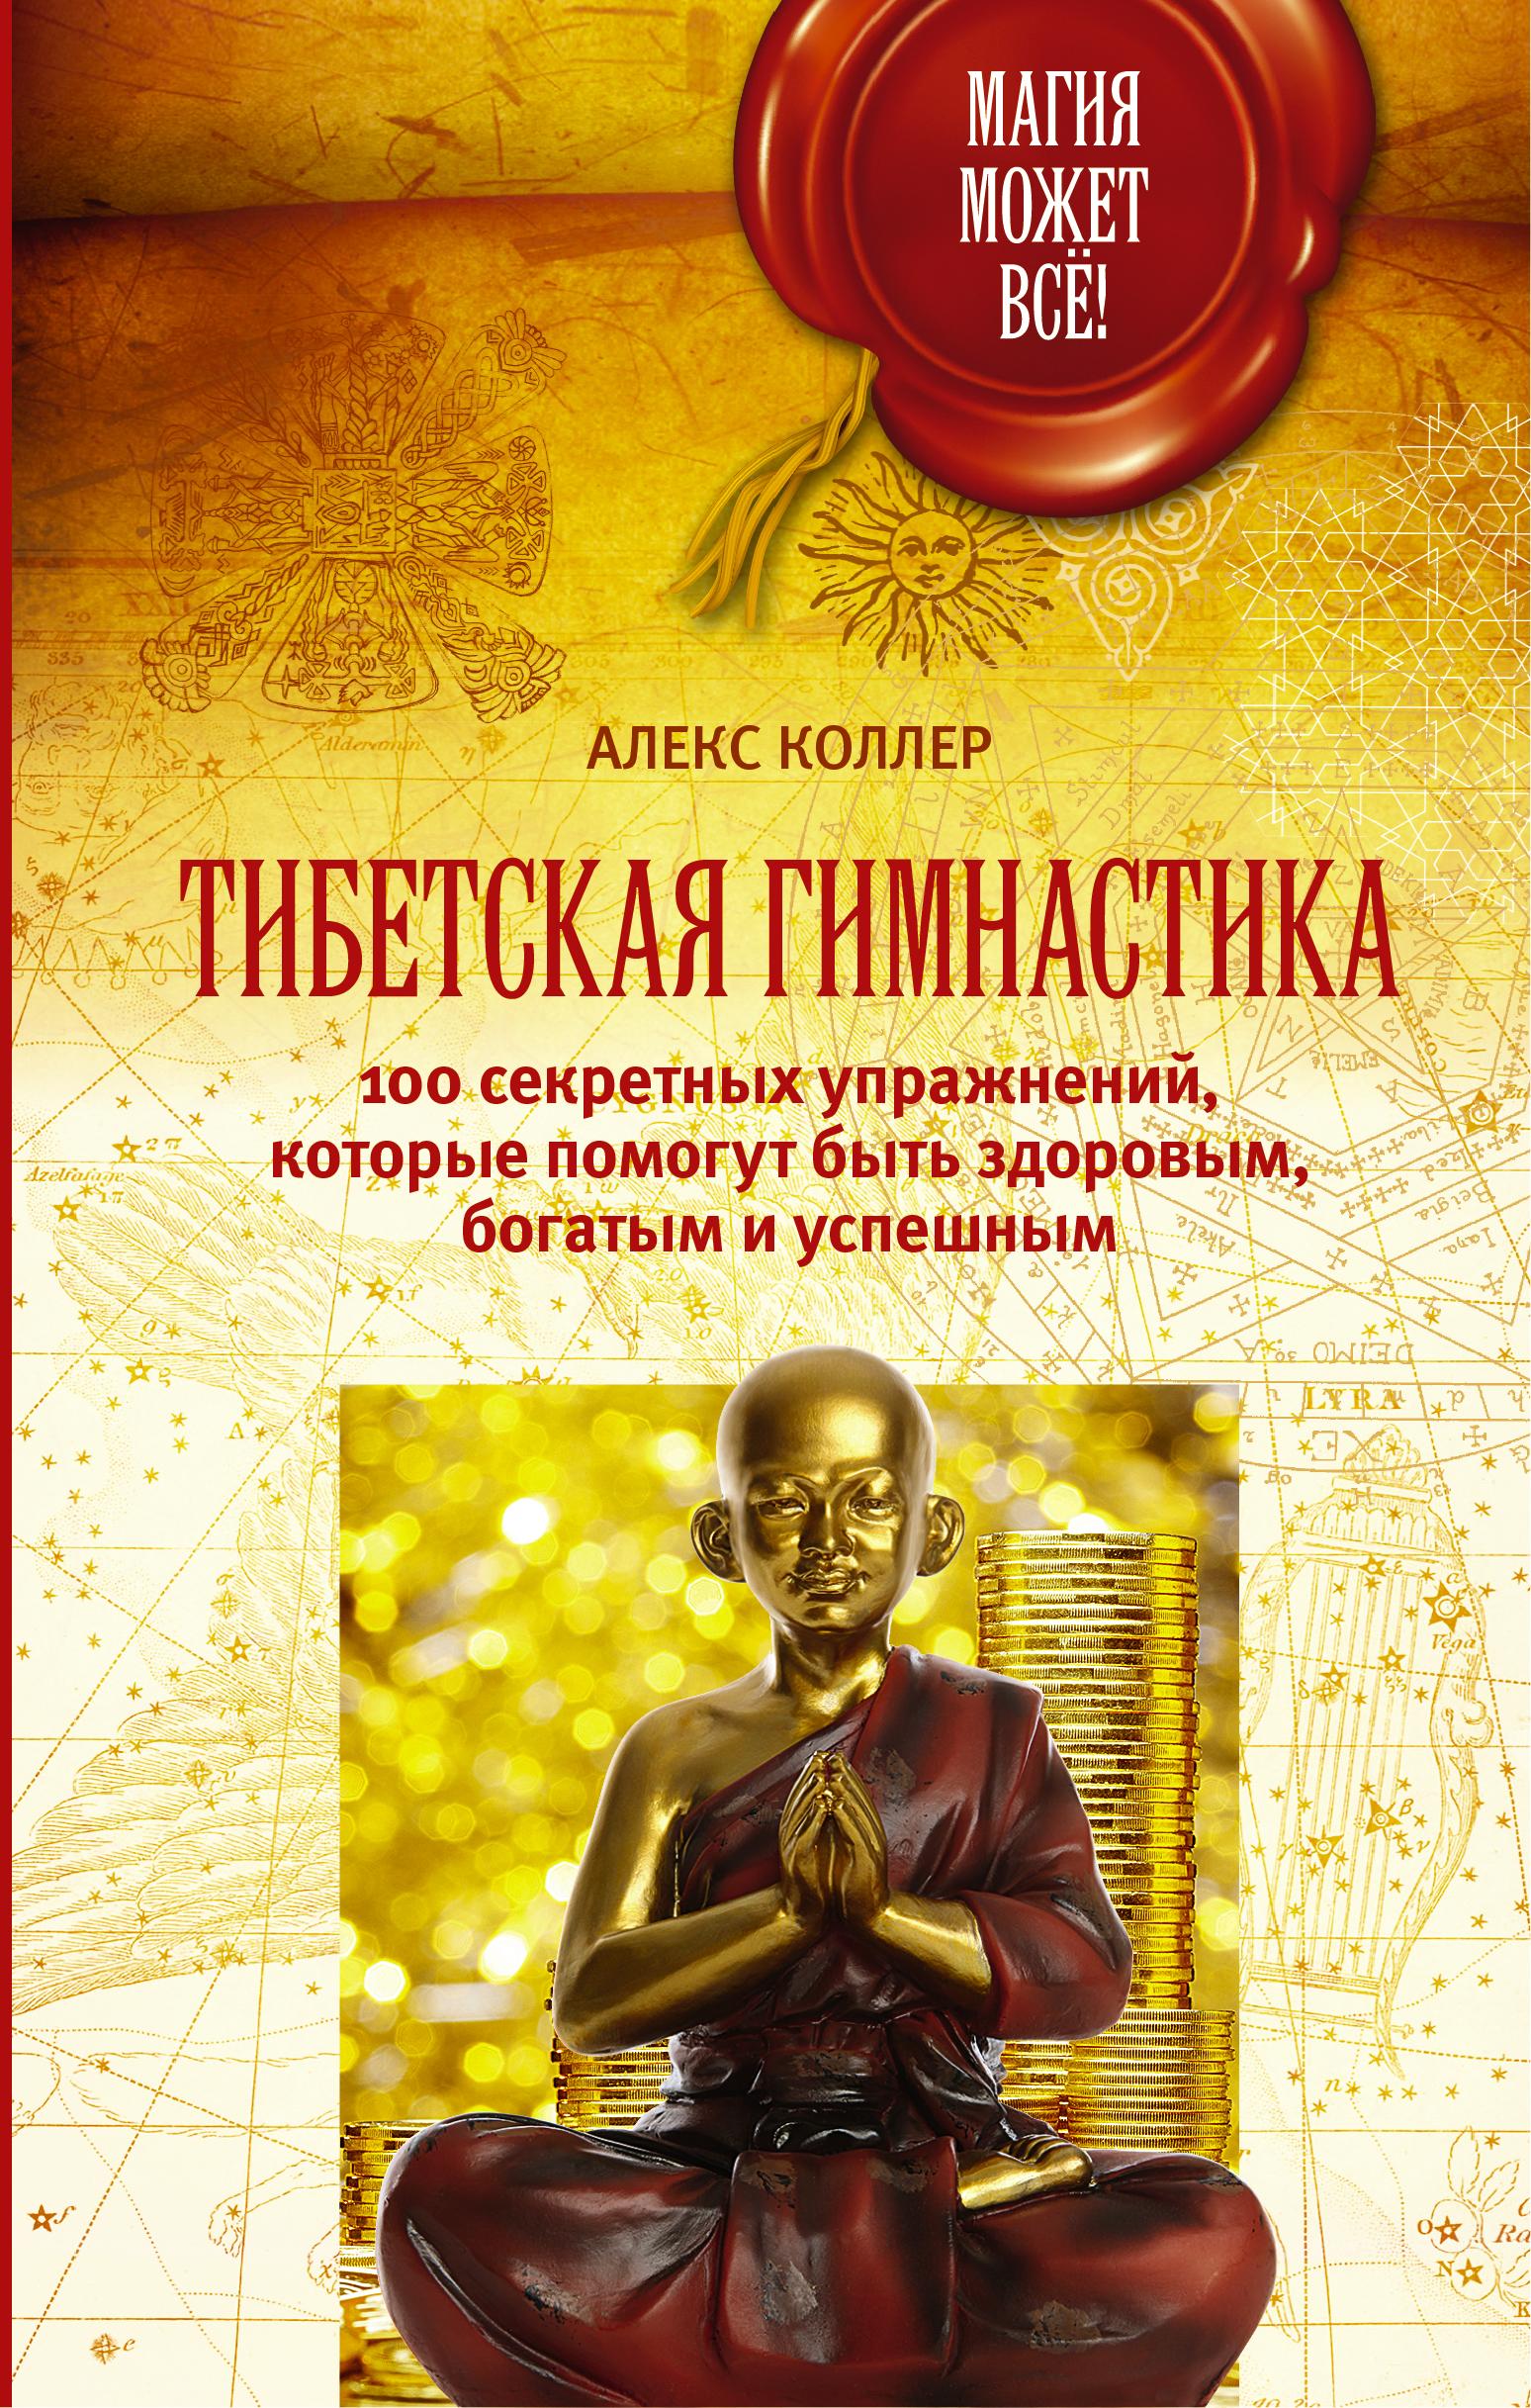 Алекс Коллер «Тибетская гимнастика. 100 секретных упражнений, которые помогут быть здоровым, богатым и успешным»